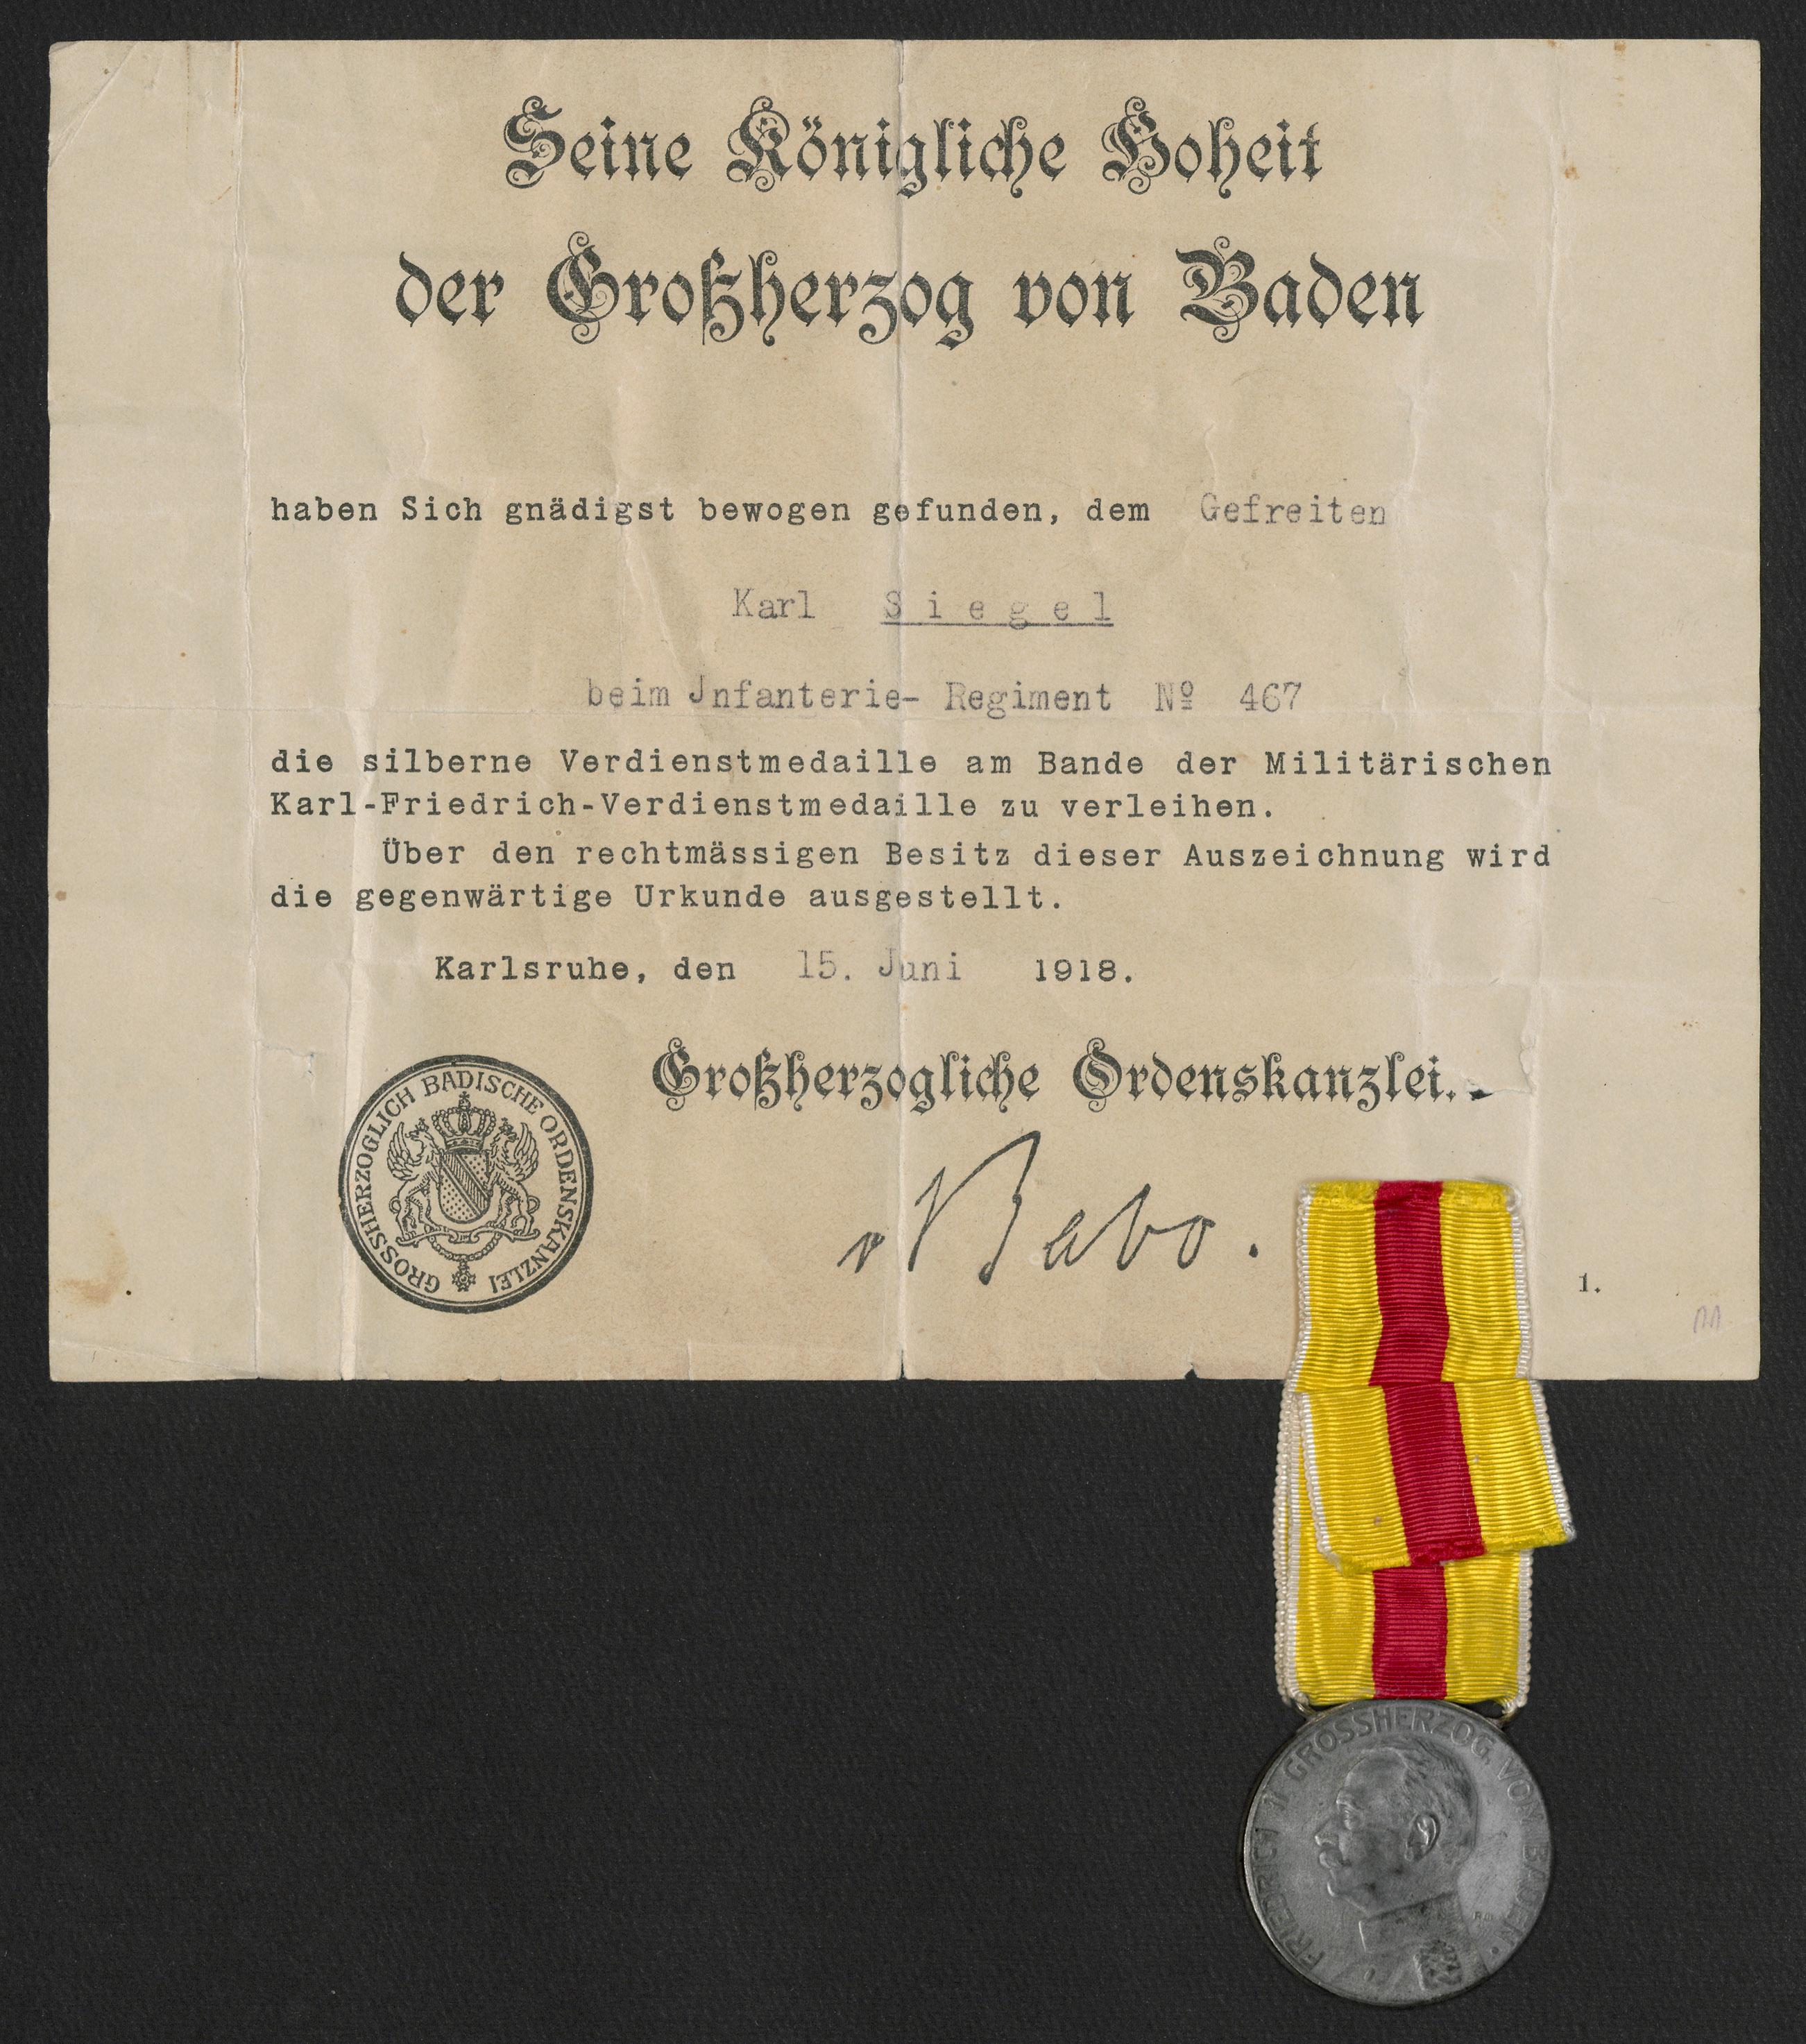 Landesarchiv Baden Württemberg - Kriegsauszeichnung (glak)